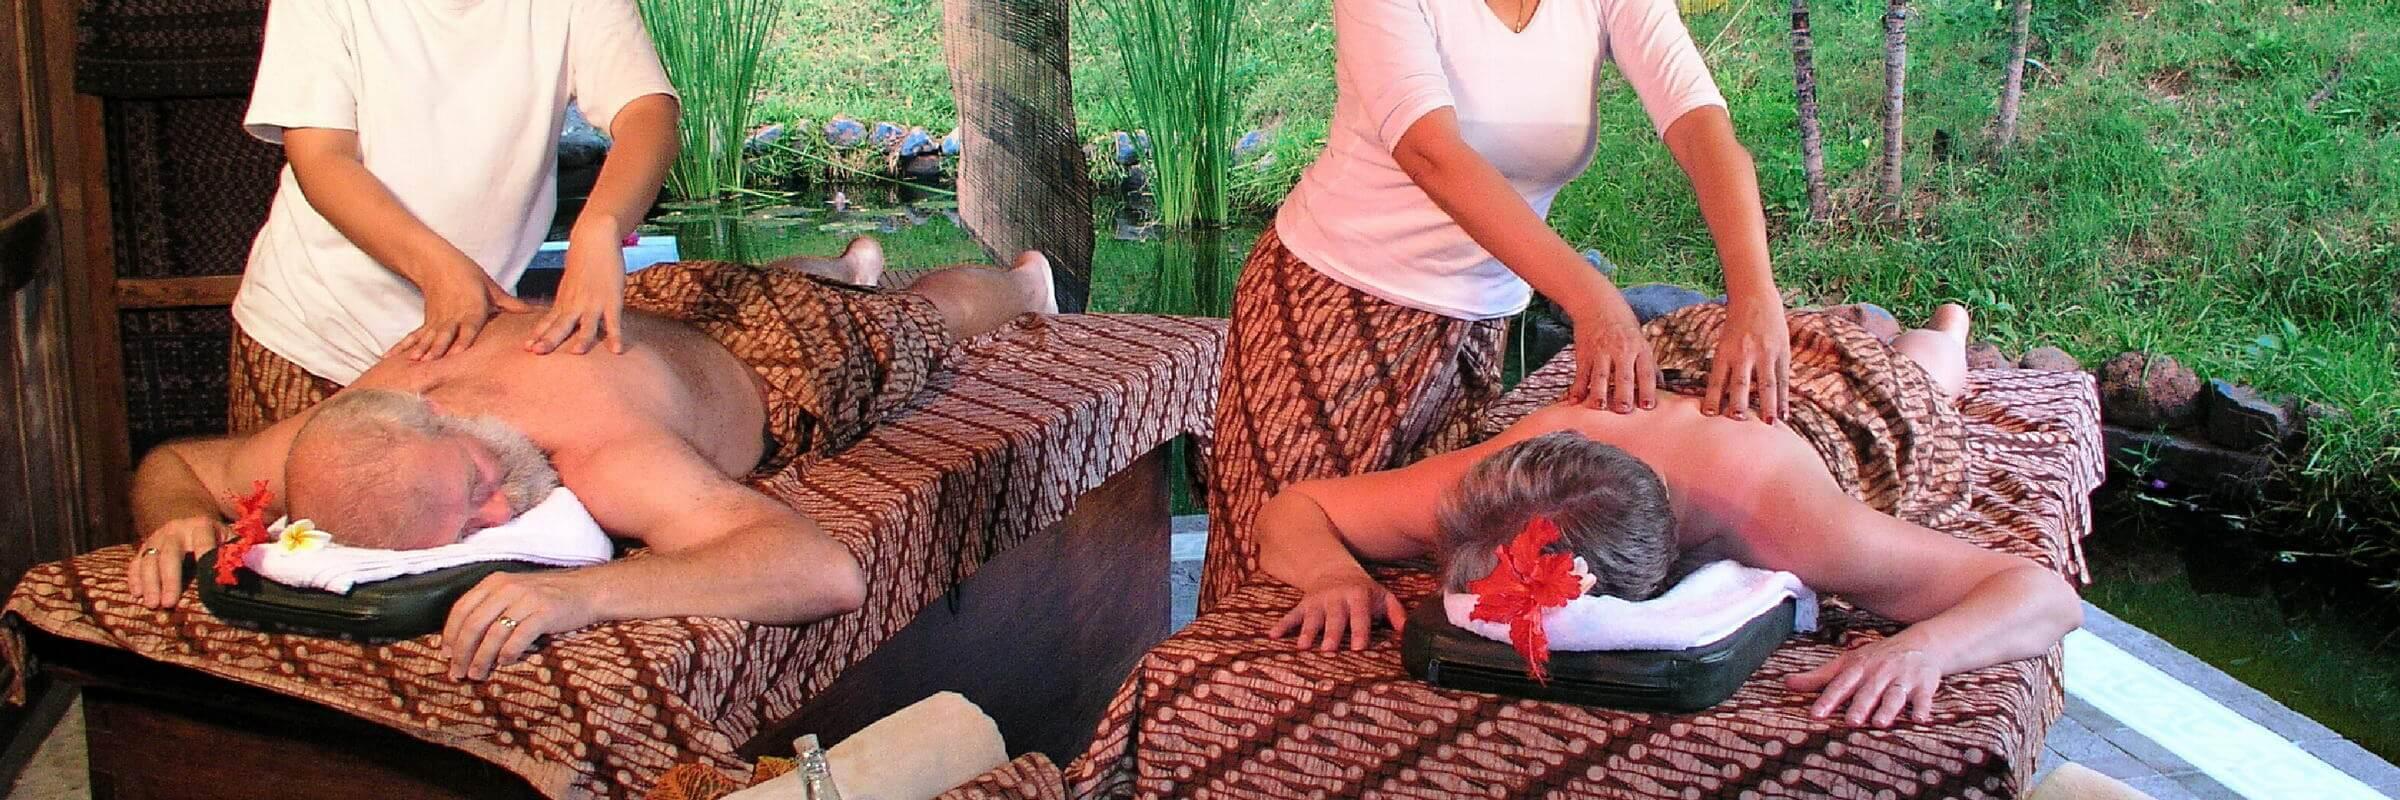 Im Spa-Bereich des Pondok Sari Beach & Spa Resort können Gäste sich mit traditionellen Massagen und anderen Wellnessanwendungen verwöhnen lassen.